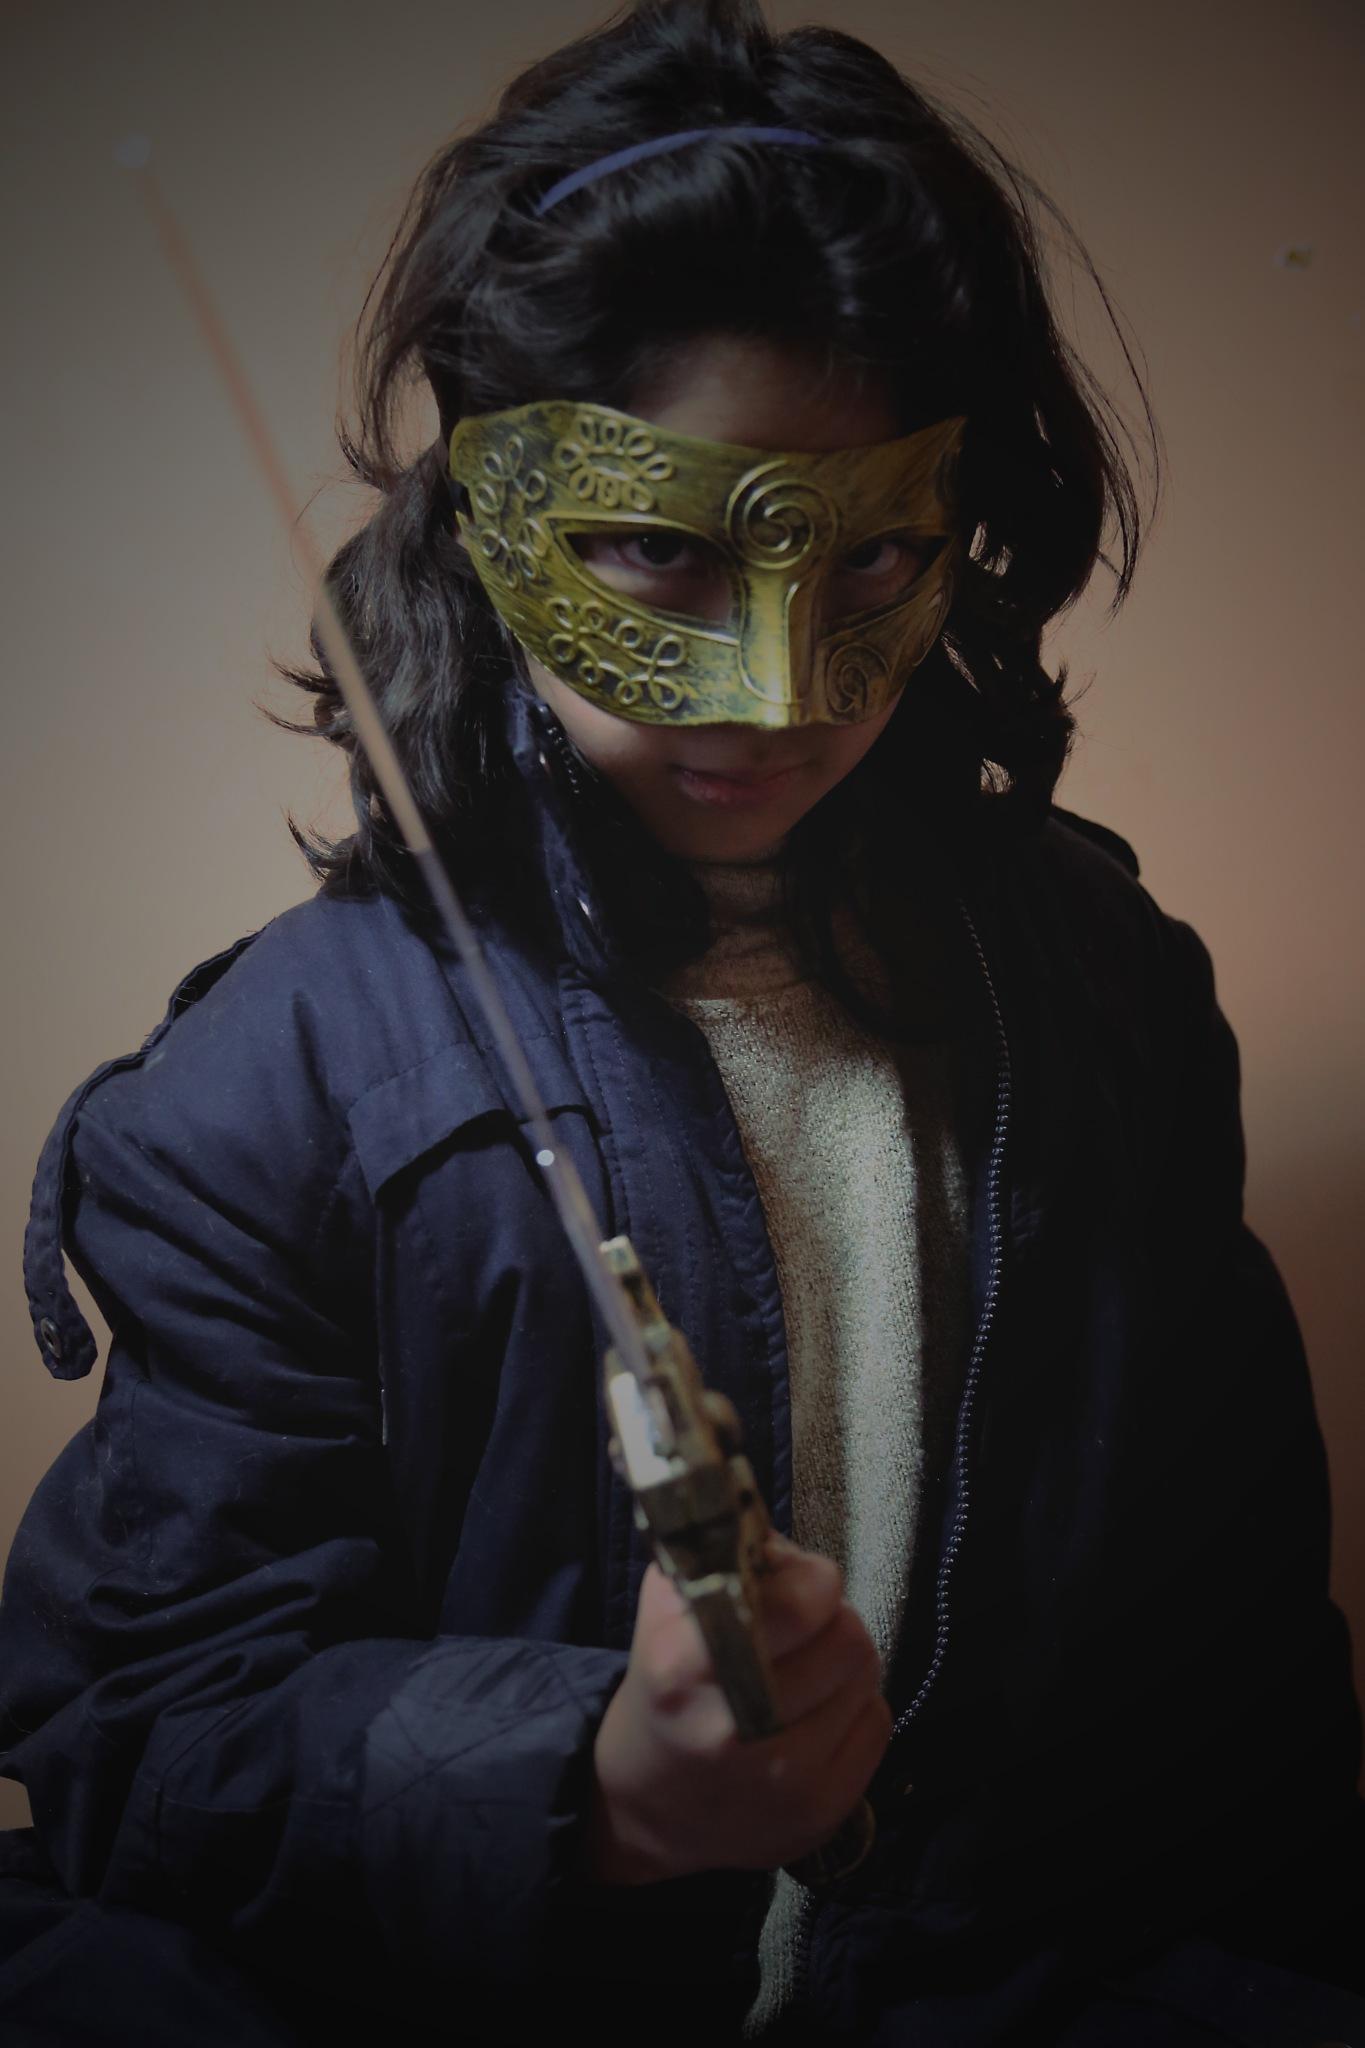 Pirate girl by Horacio Salinas